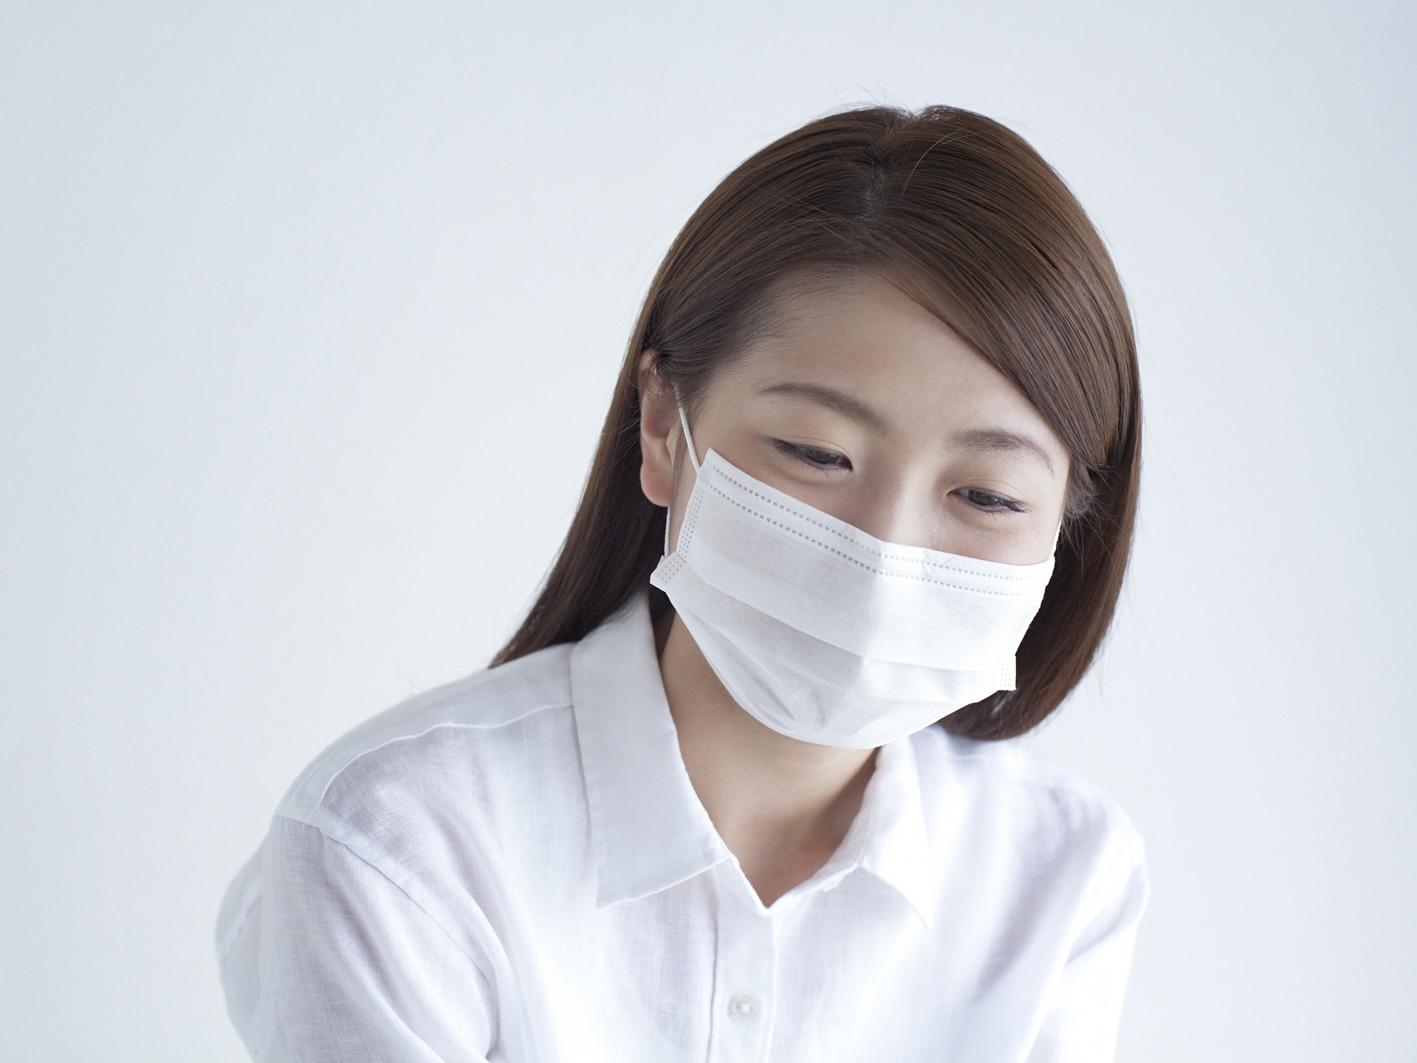 ブタクサ 花粉症 対策